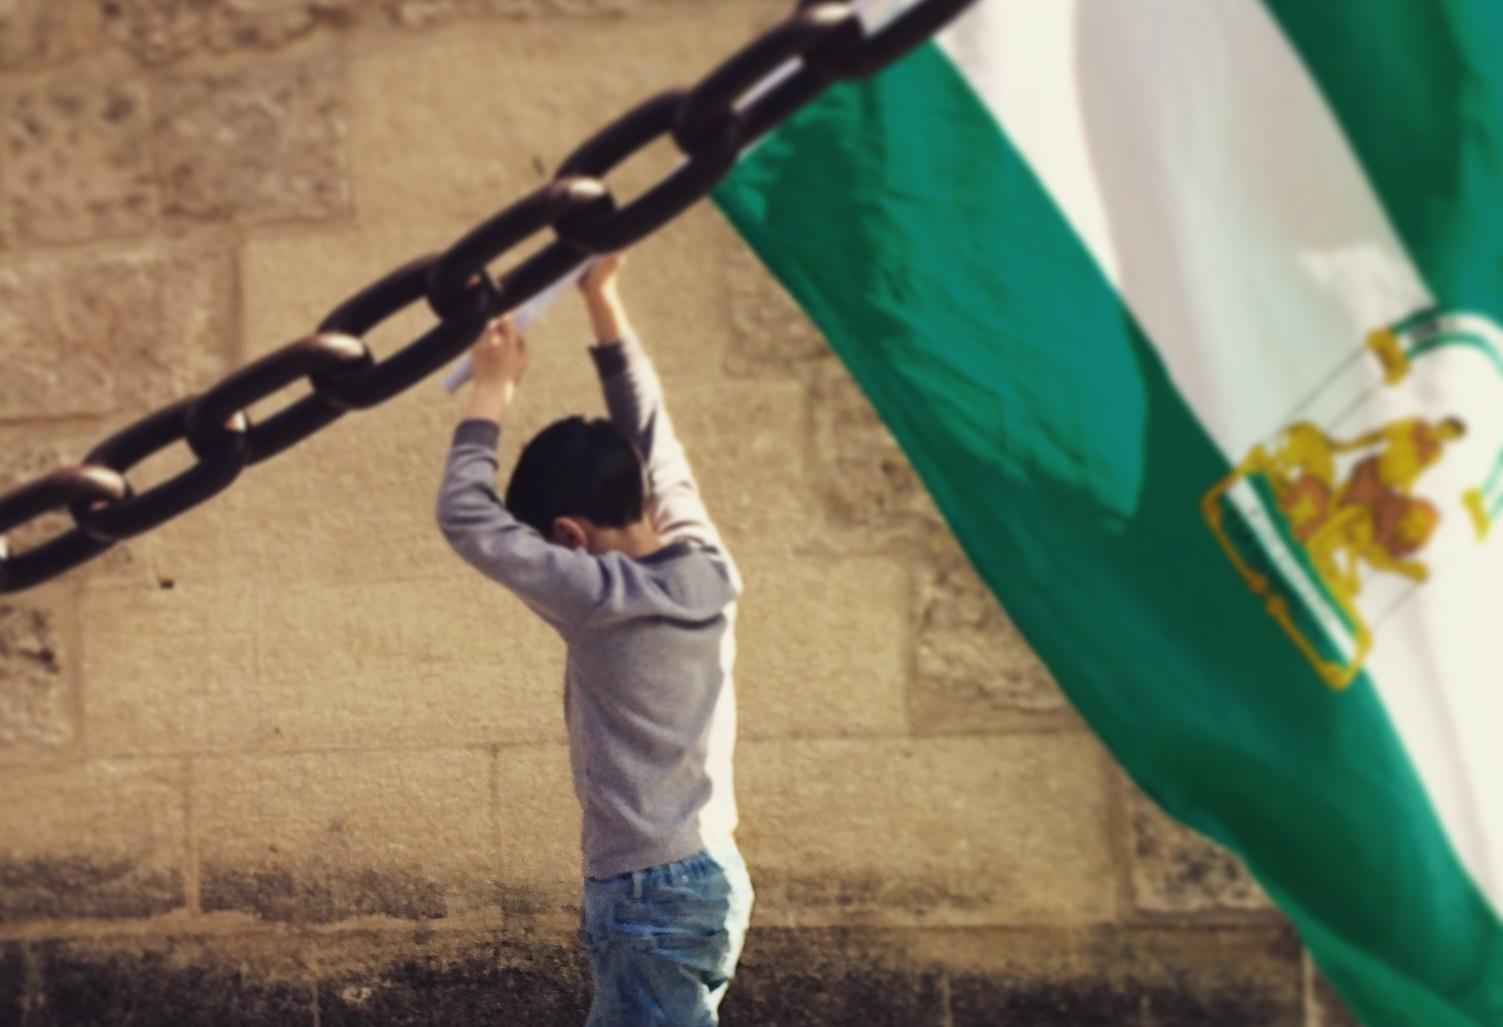 Un niño prota la bandera de Andalucía en una protesta contra el gobierno de Rajoy. / S.R